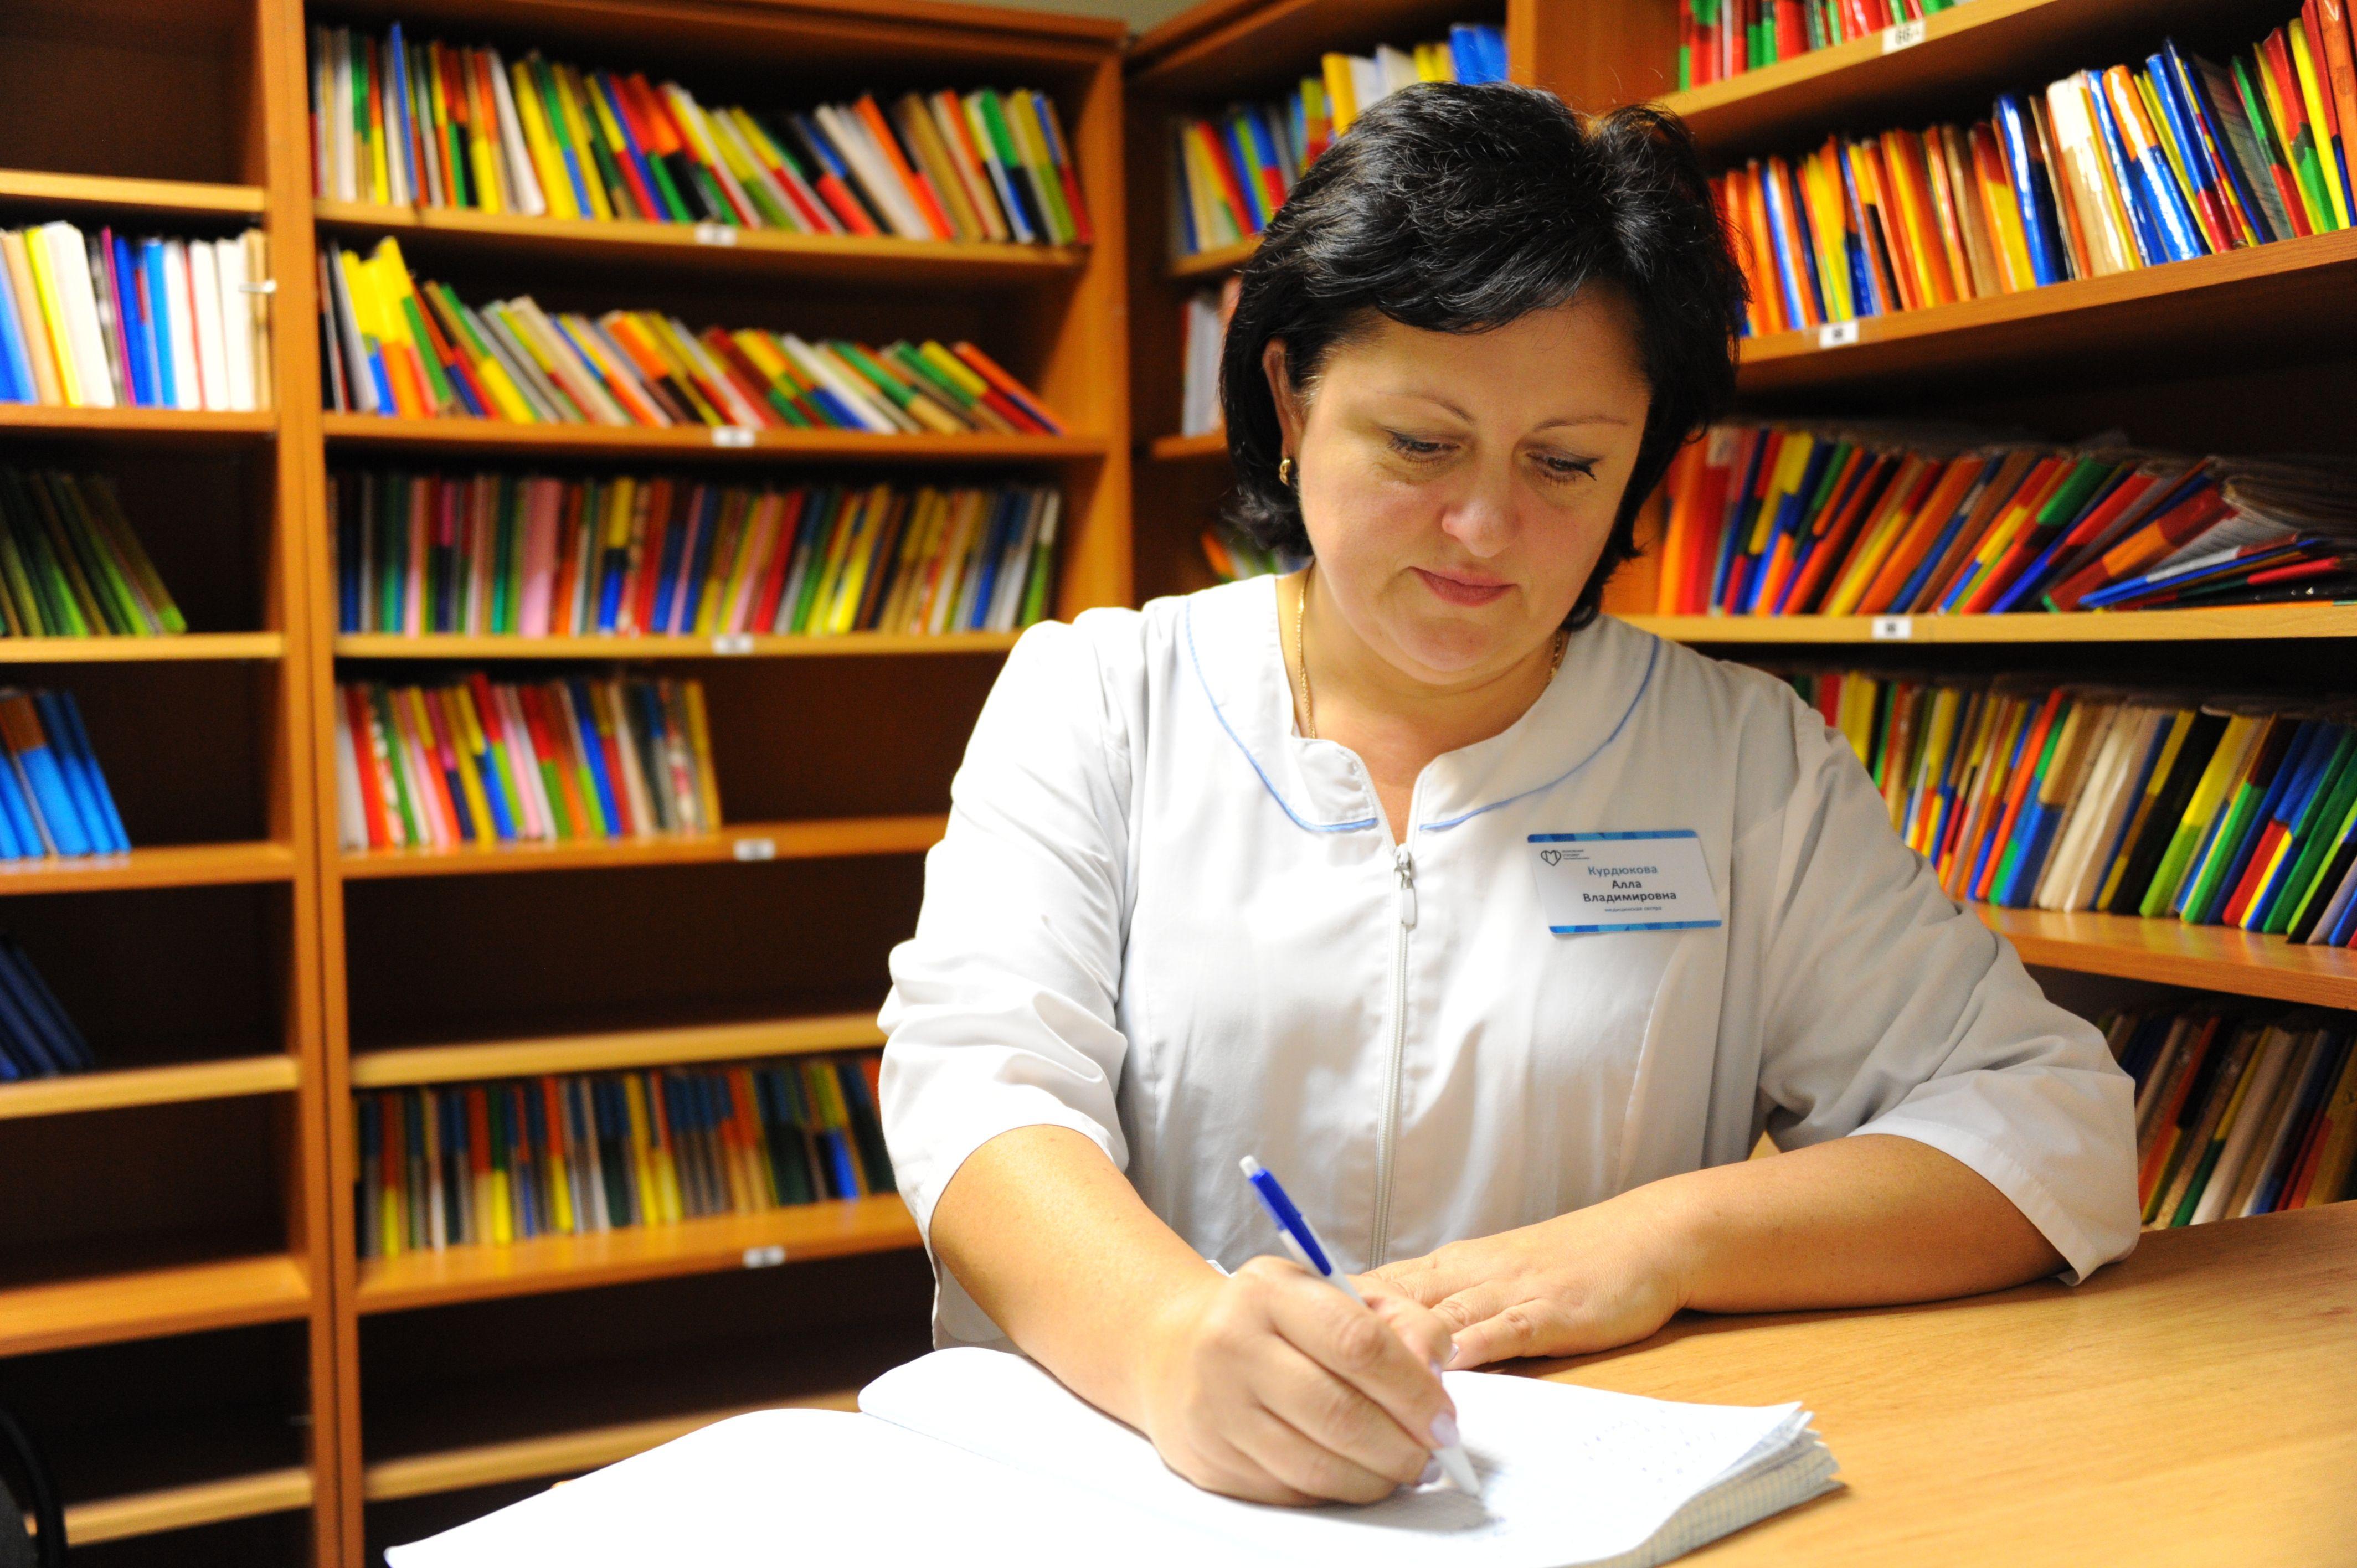 Детско-взрослую поликлинику создадут в Московском